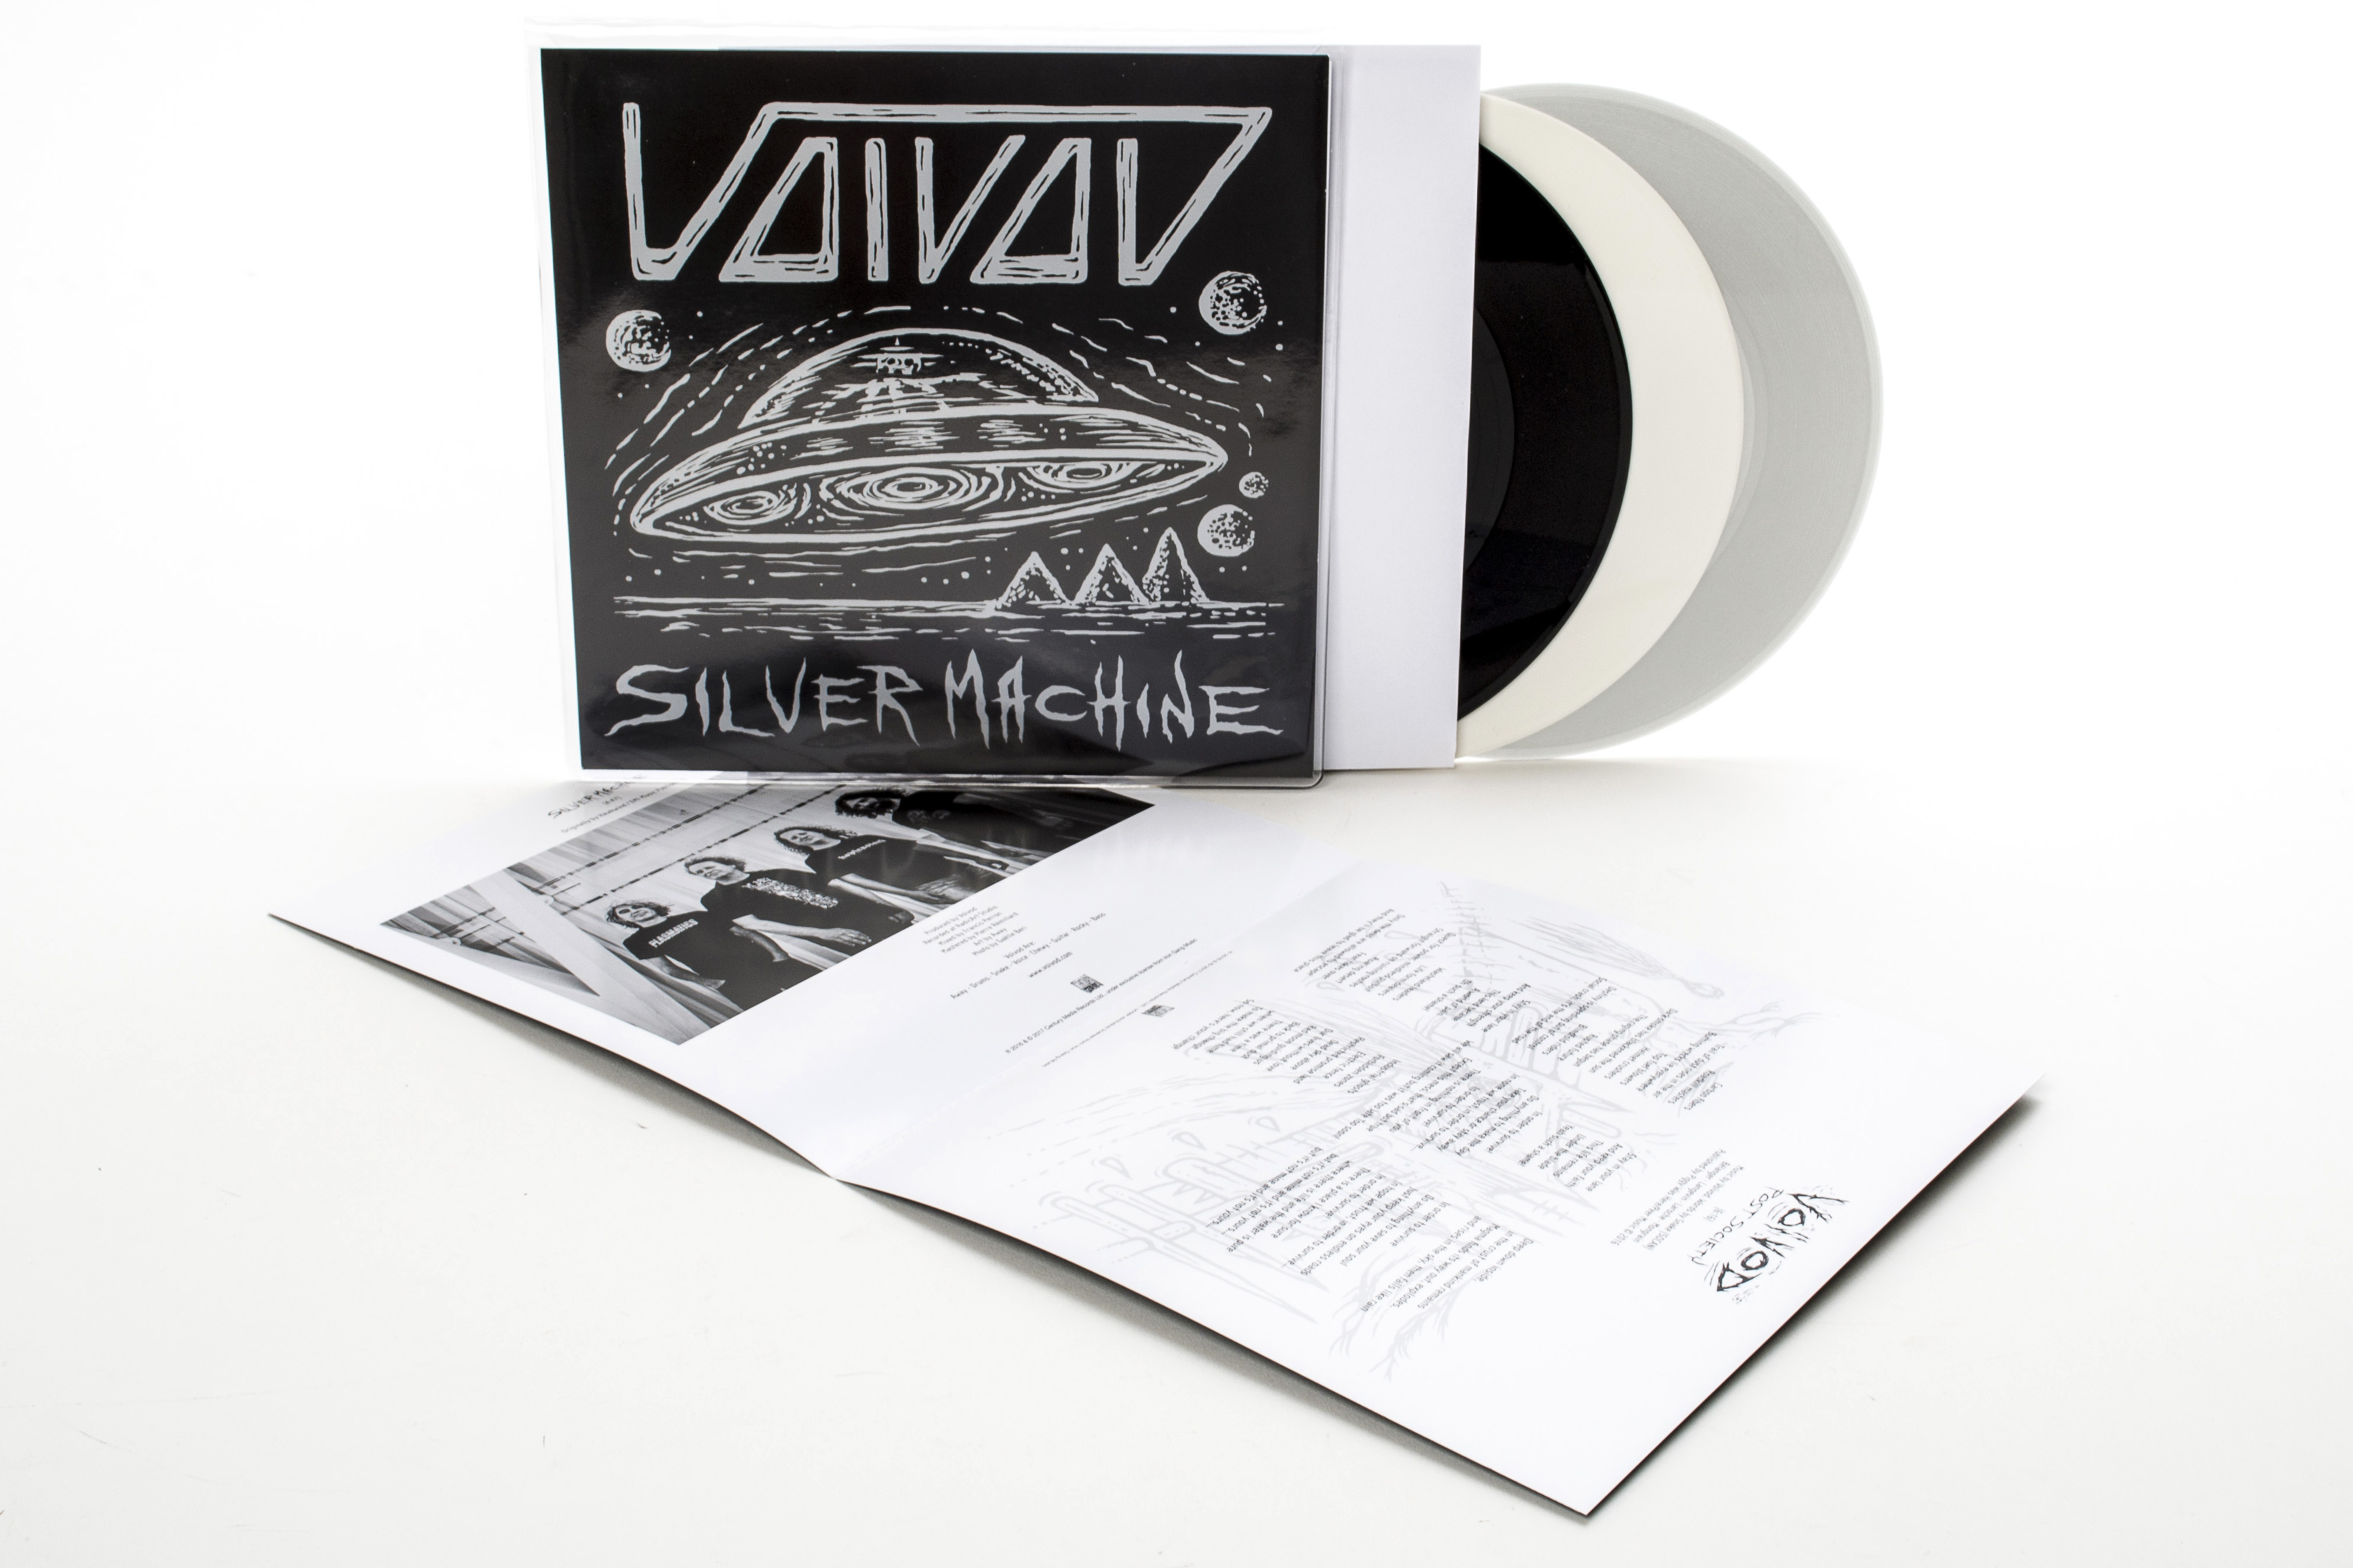 voivod_silvermachine_7inch_complete